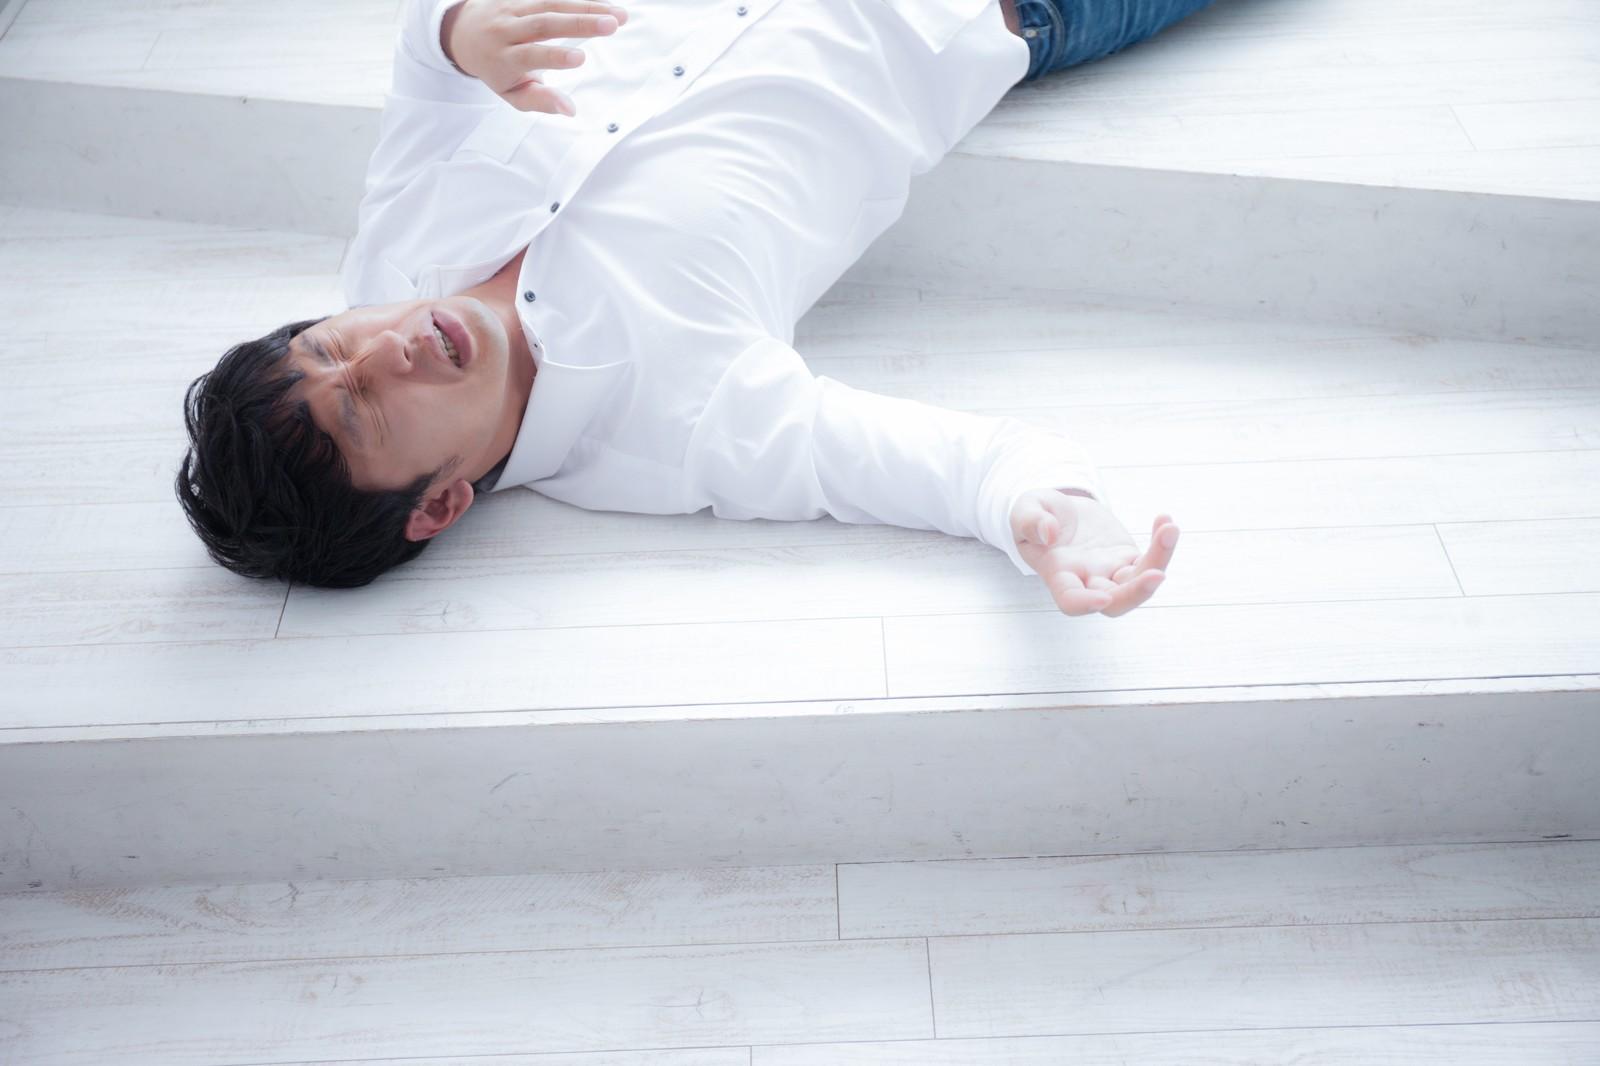 熱中症で倒れる男性